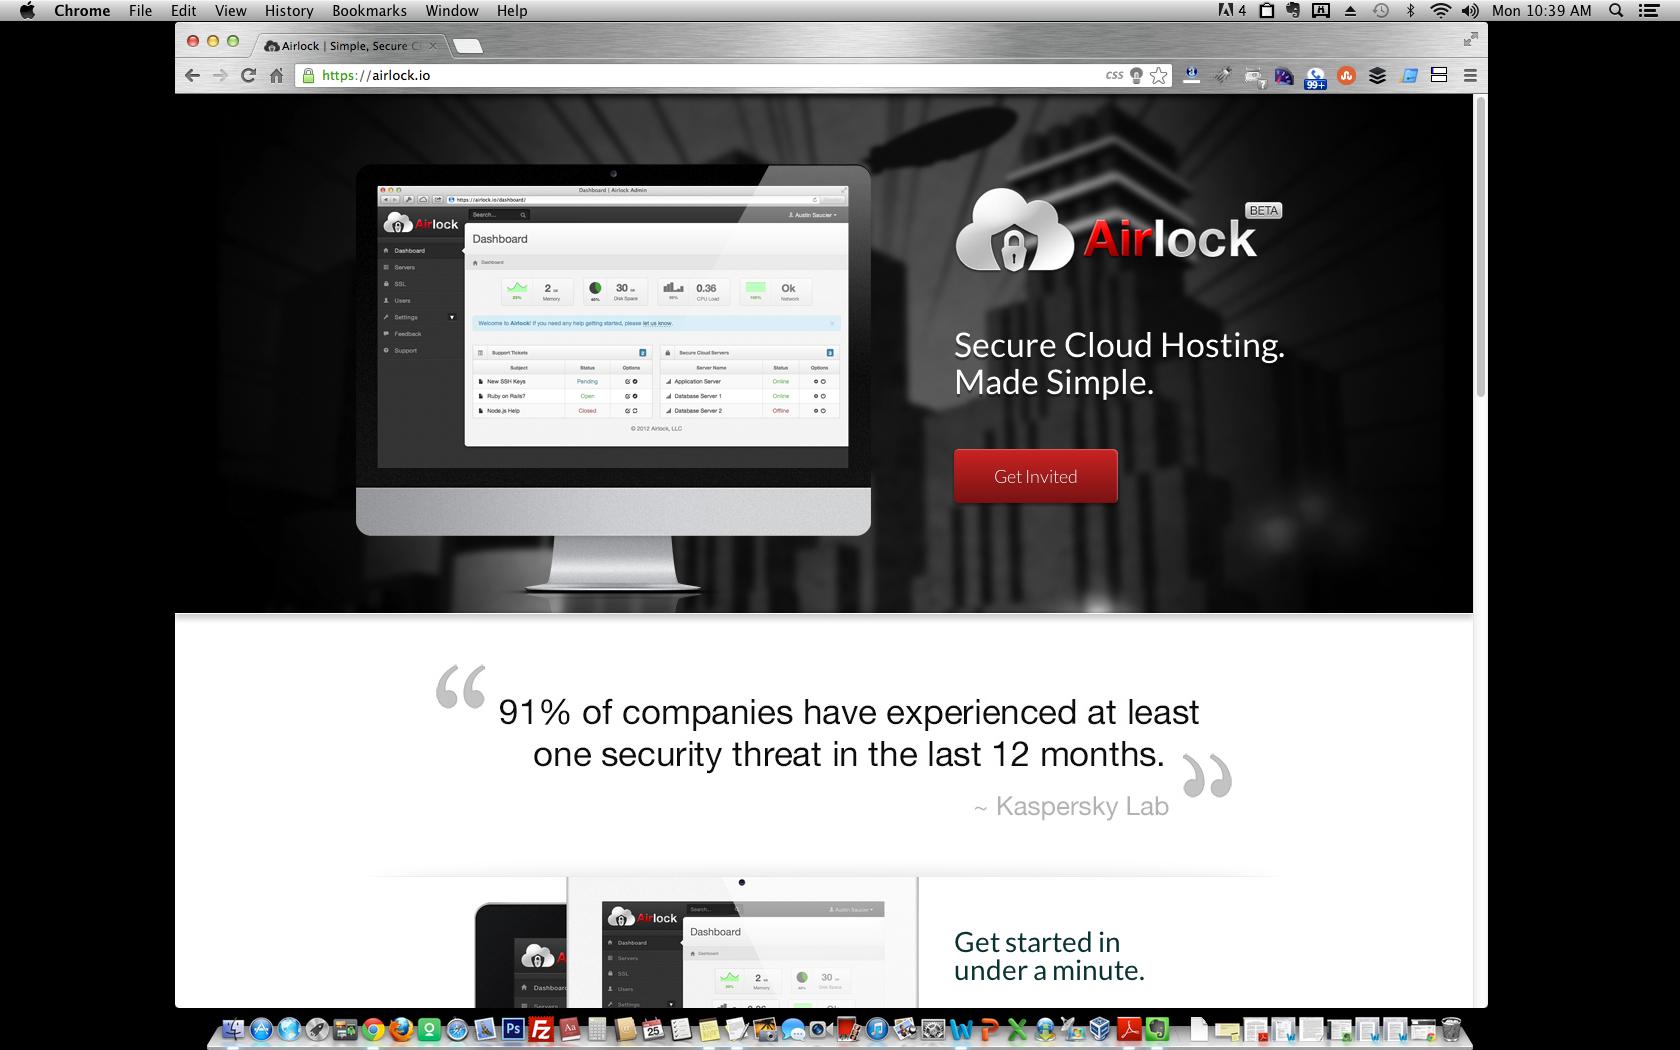 Airlock homepage